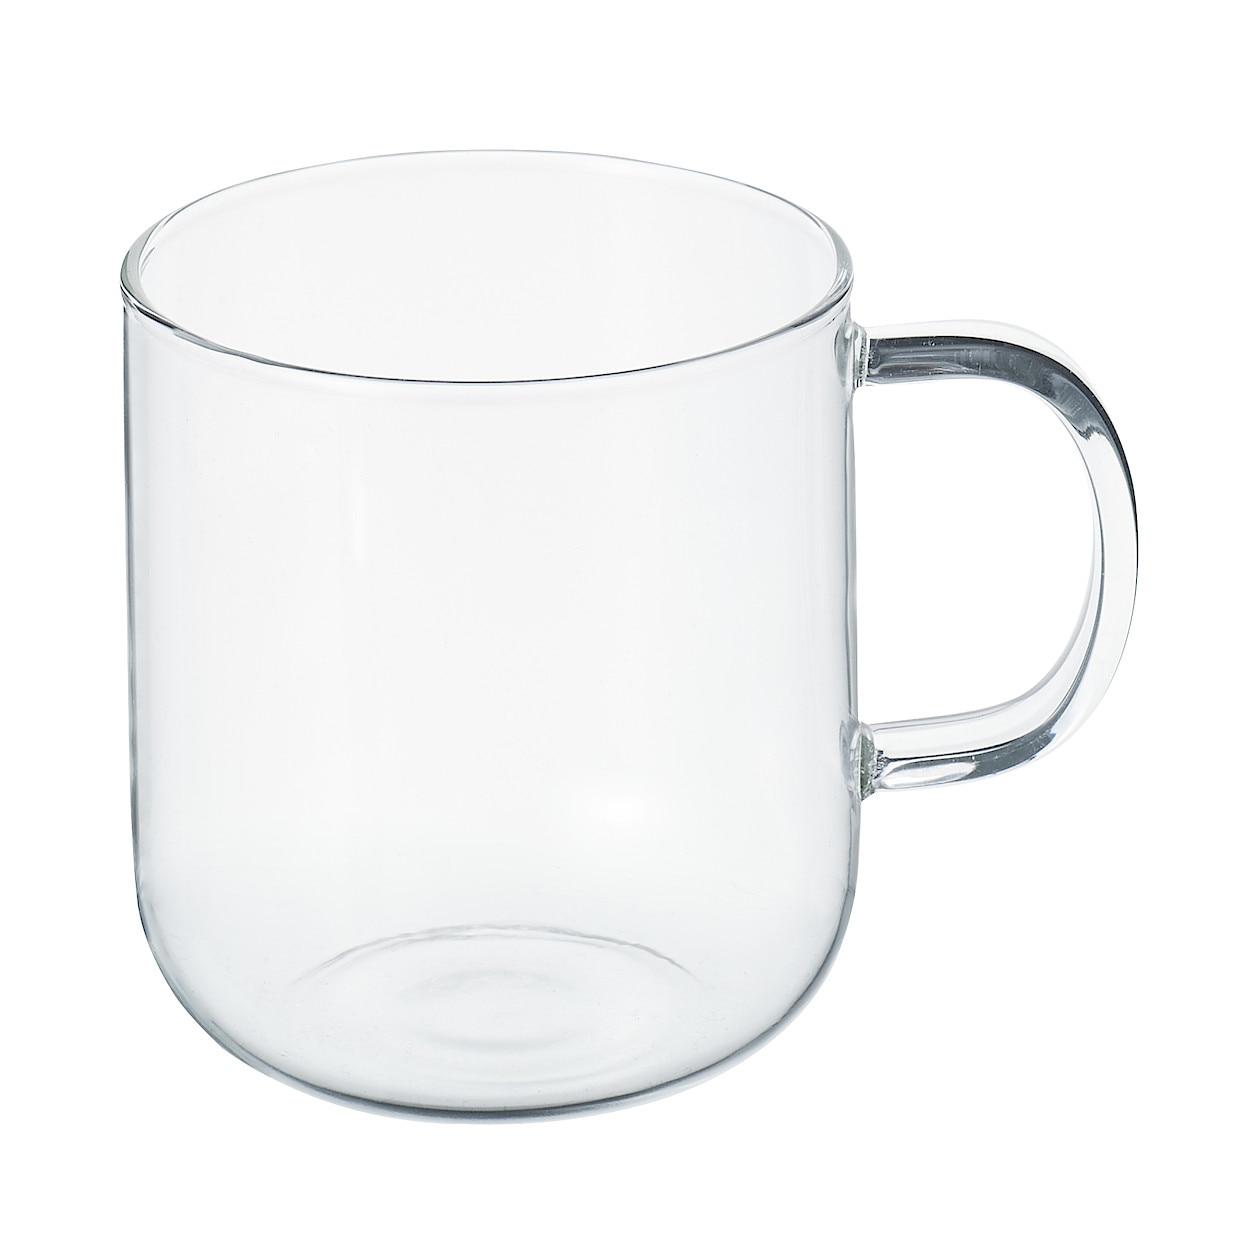 RoomClip商品情報 - 耐熱ガラス マグカップ